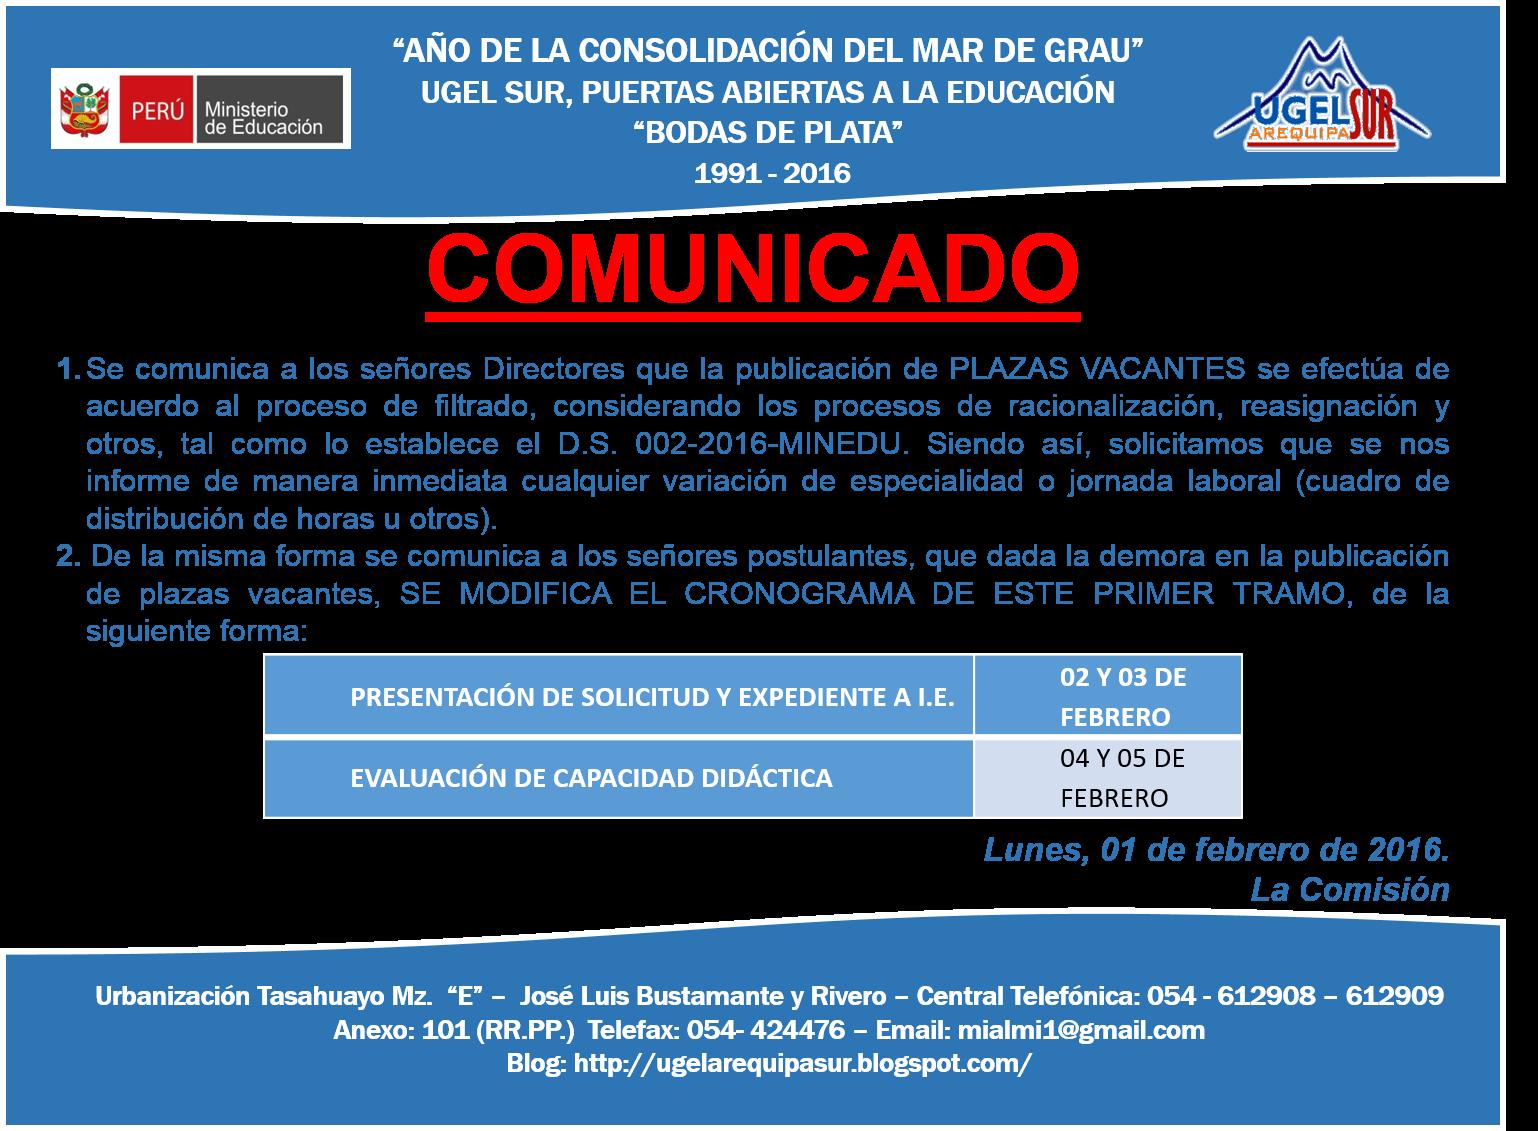 Plazas vacantes para contrato docente 2016 en la ugel for Plazas vacantes concurso docente 2016